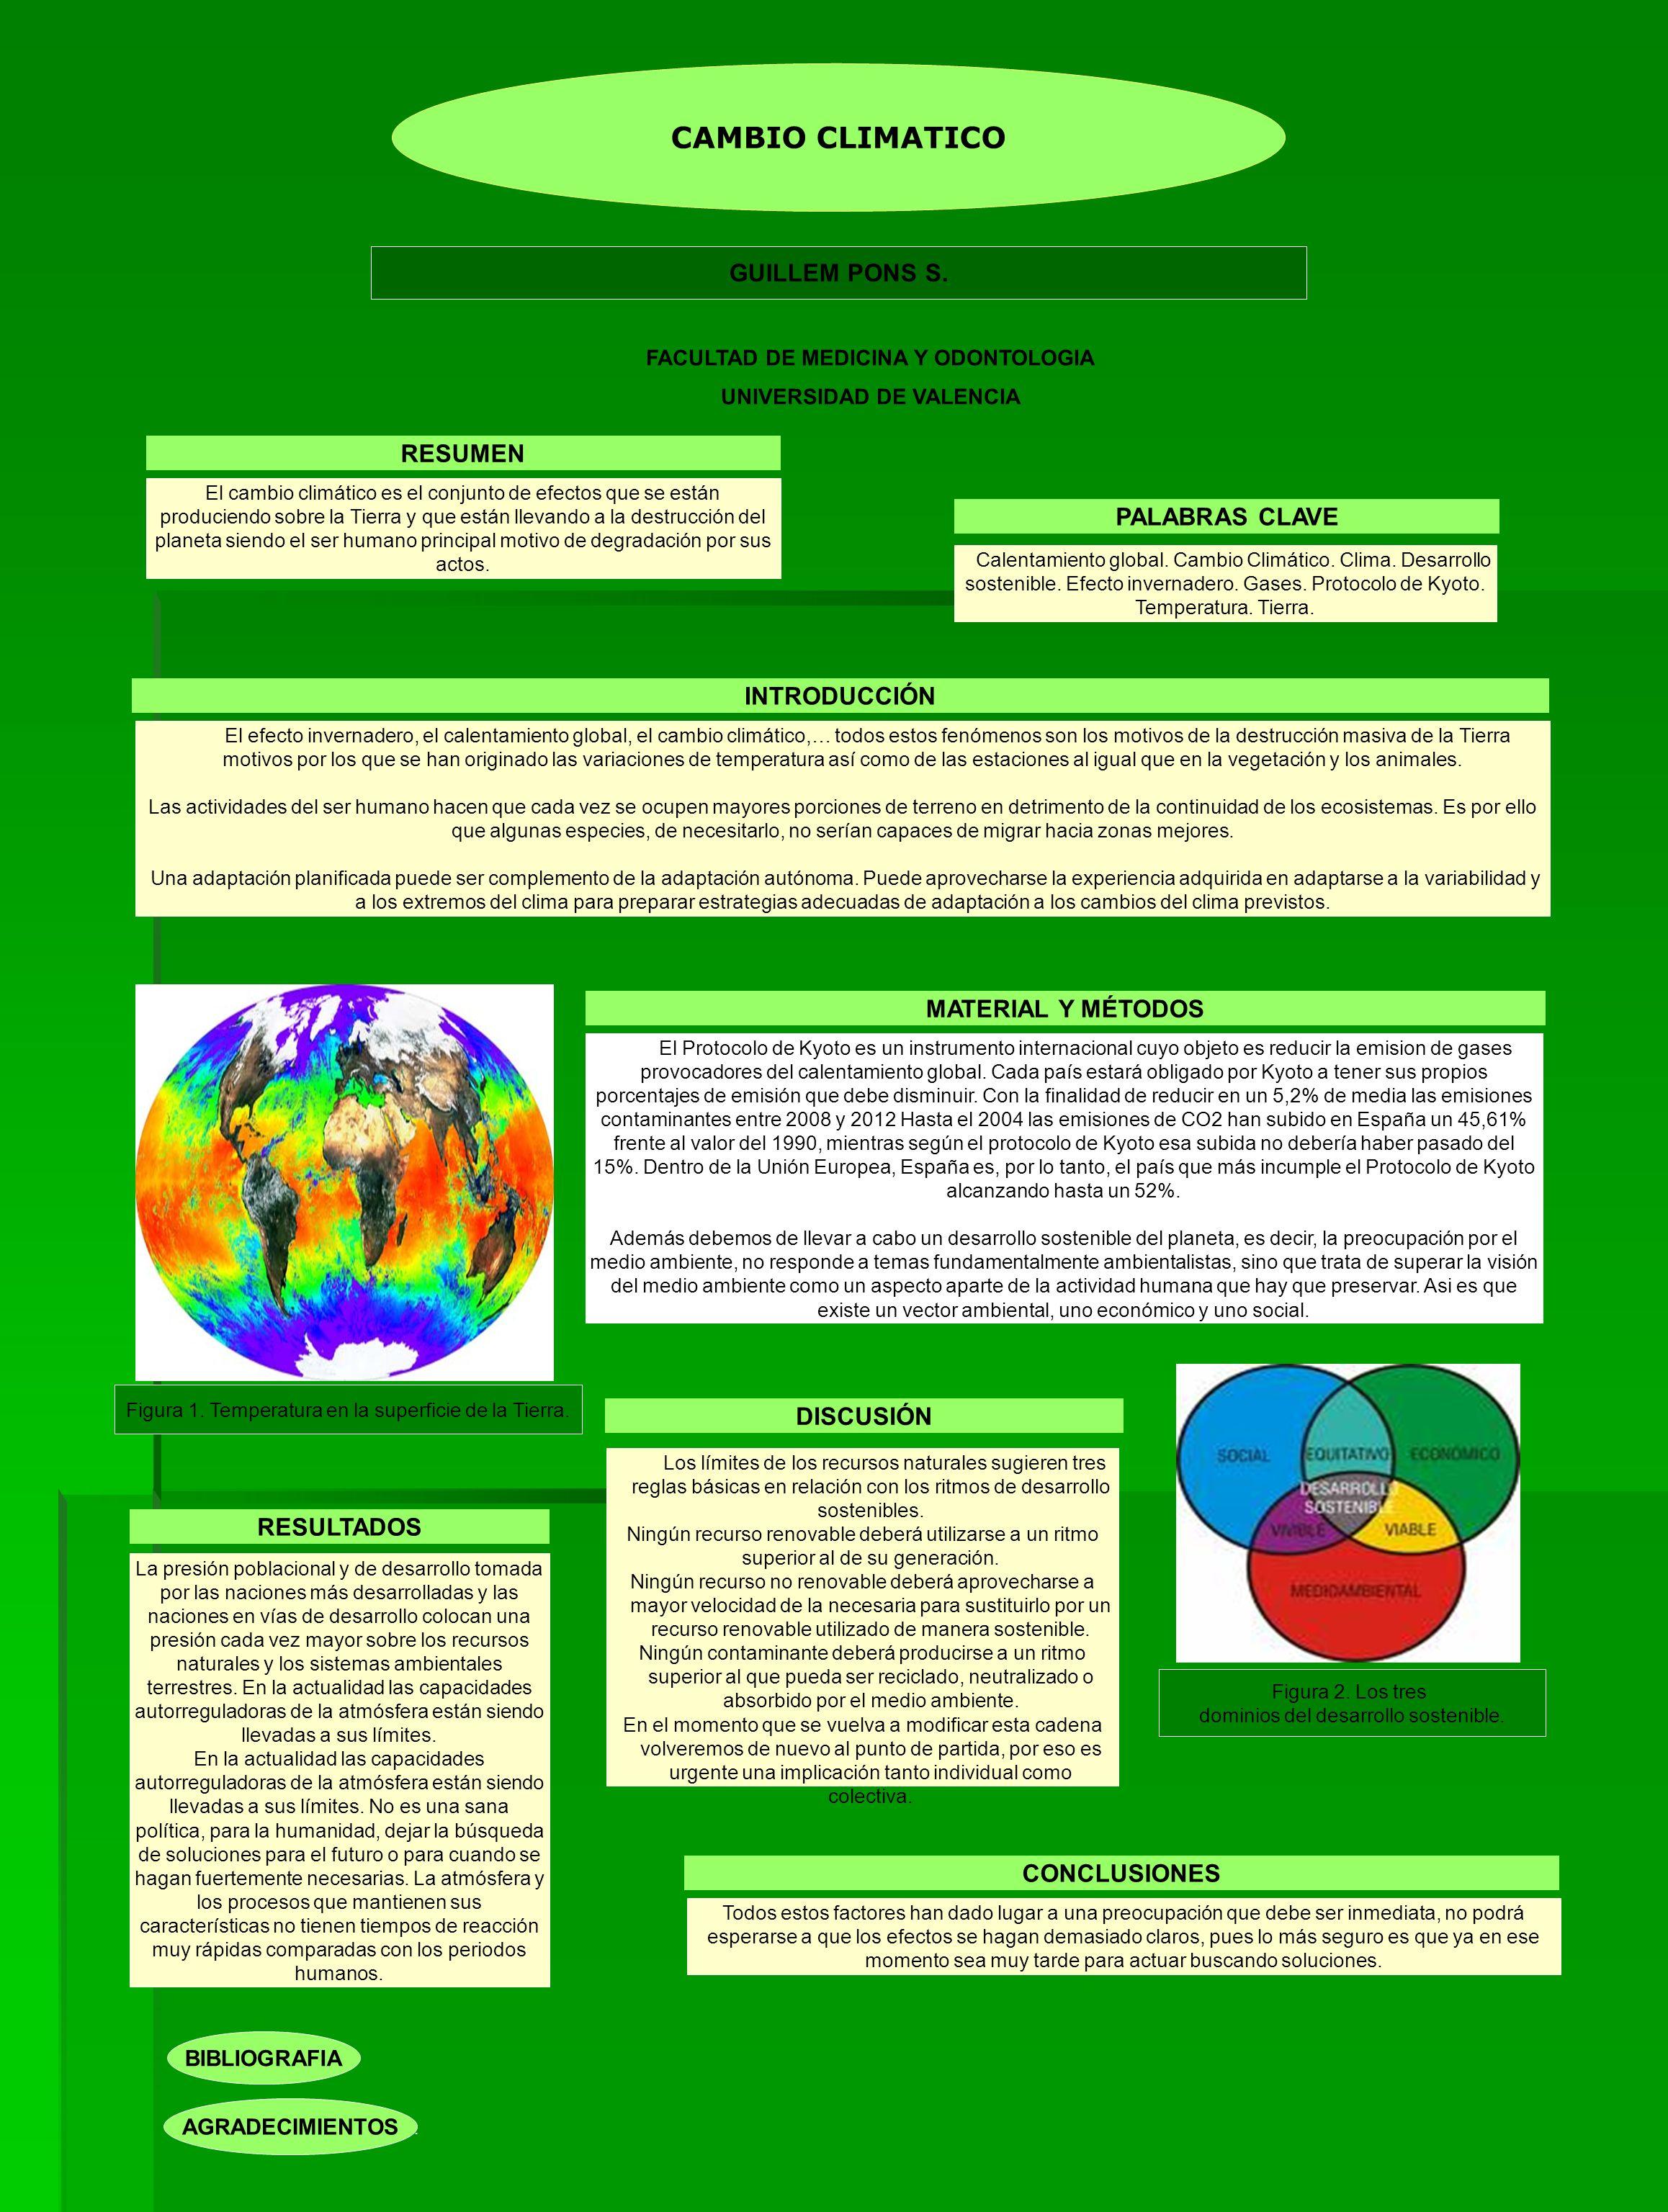 FACULTAD DE MEDICINA Y ODONTOLOGIA UNIVERSIDAD DE VALENCIA